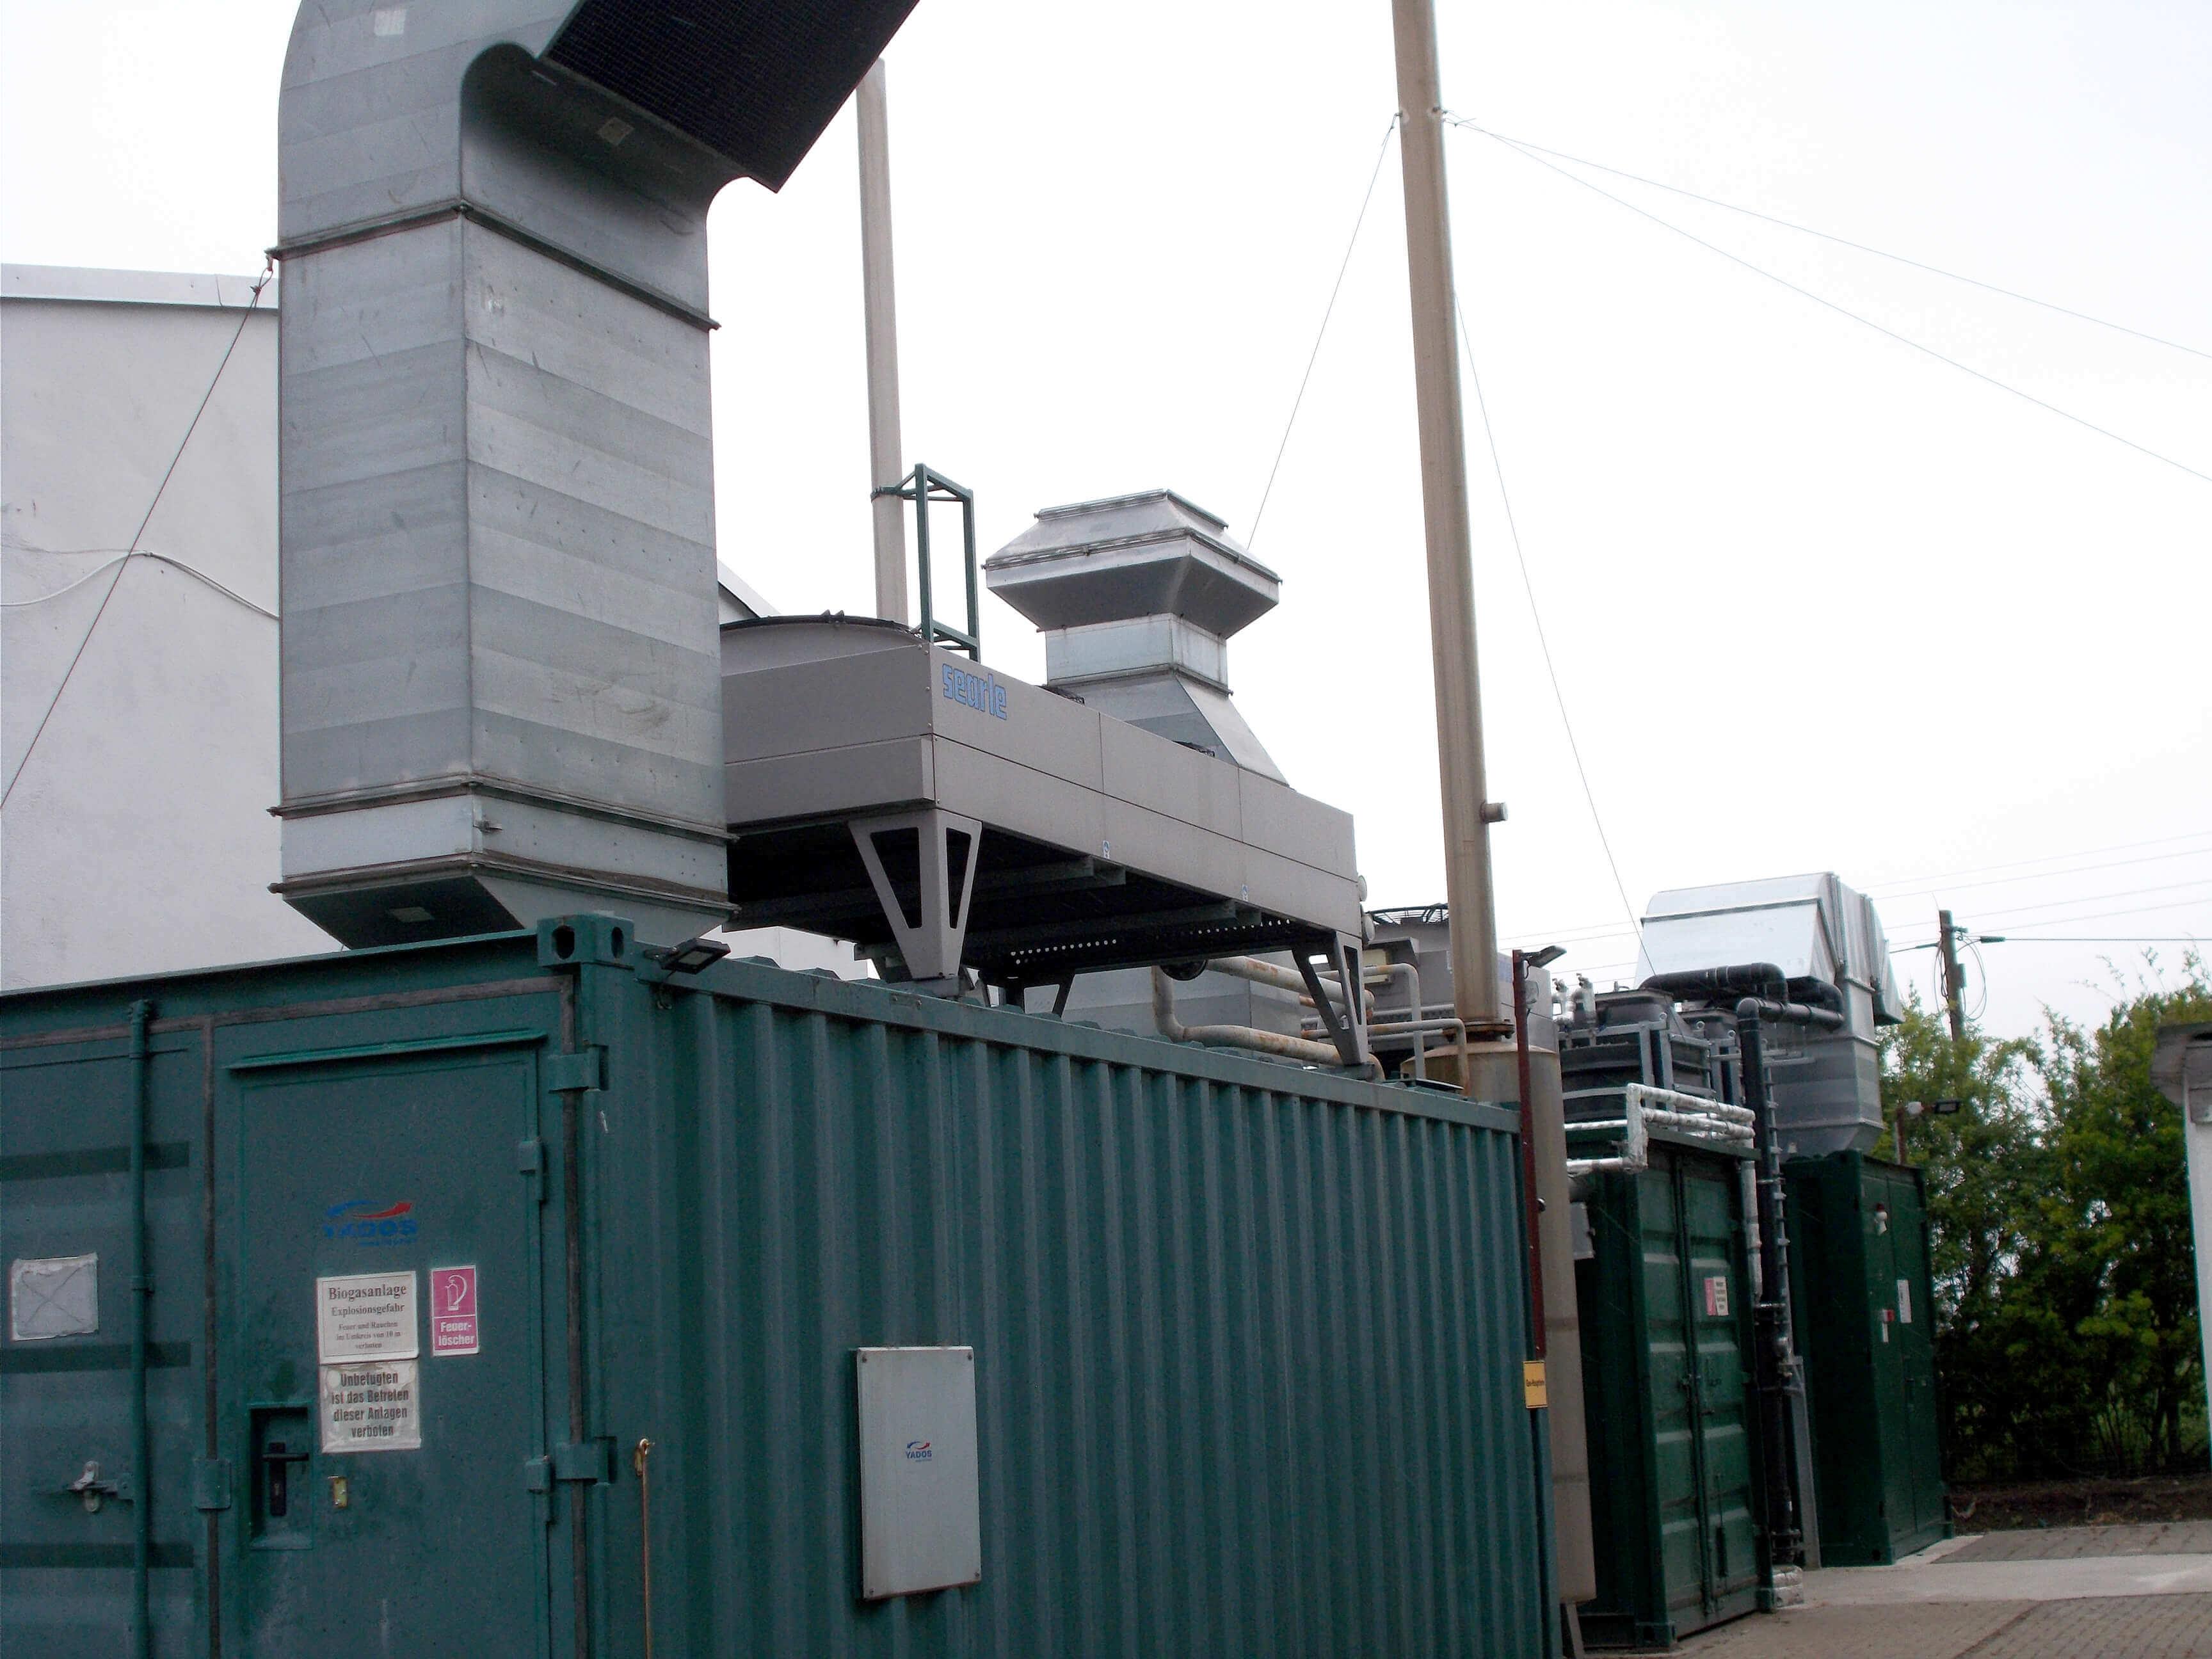 Tischkühler als Containeraufbau | IBAS Industrieberatung Andreas Schulz